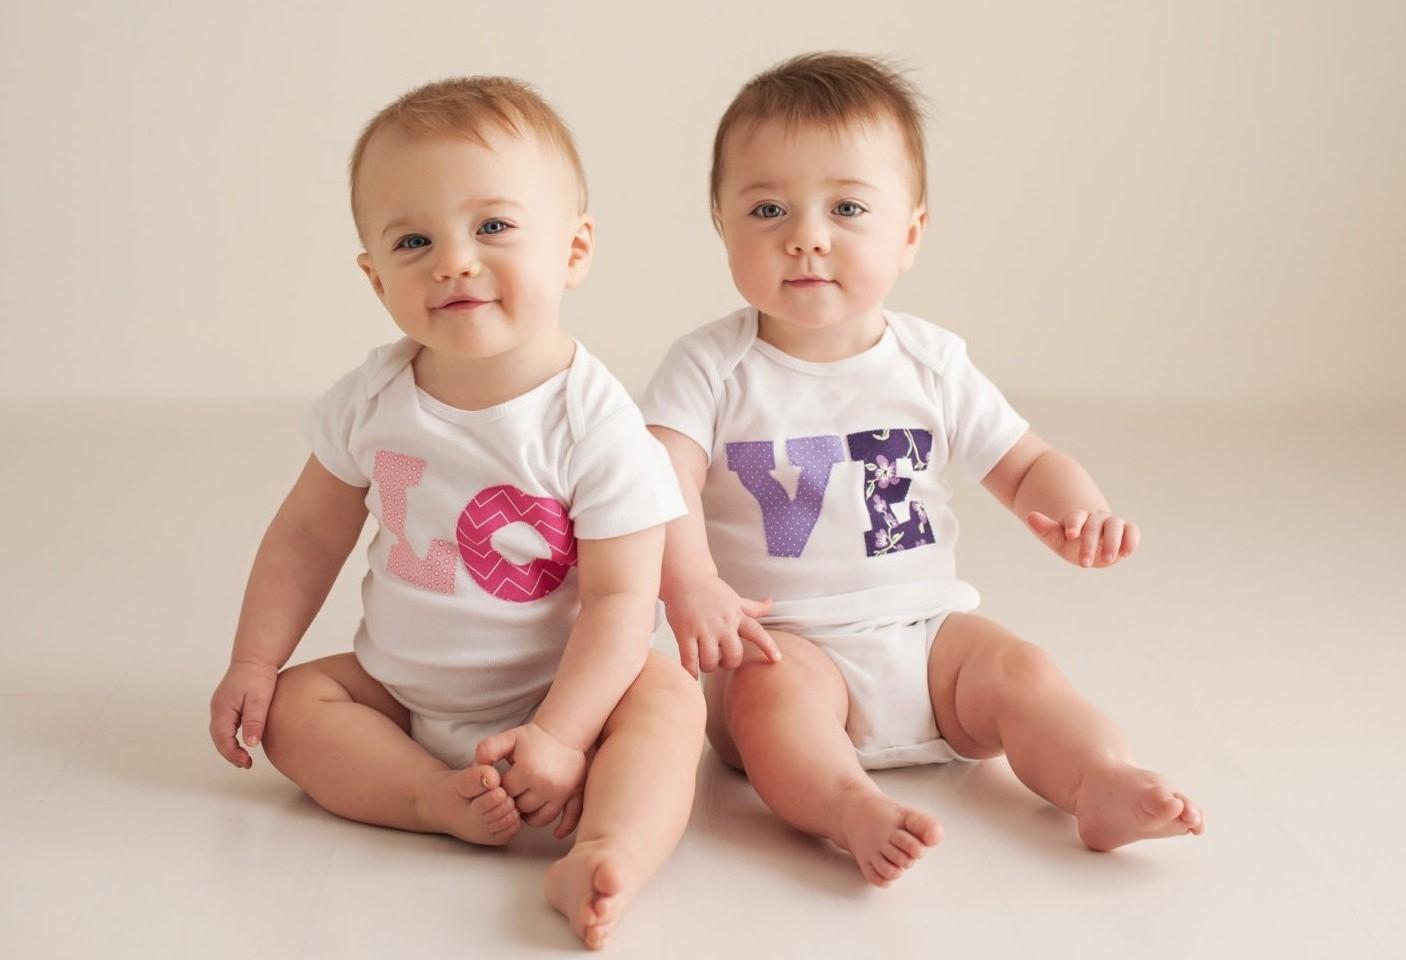 صور اطفال توائم جميلة كيوت خلفيات اطفال توأم HD (19)